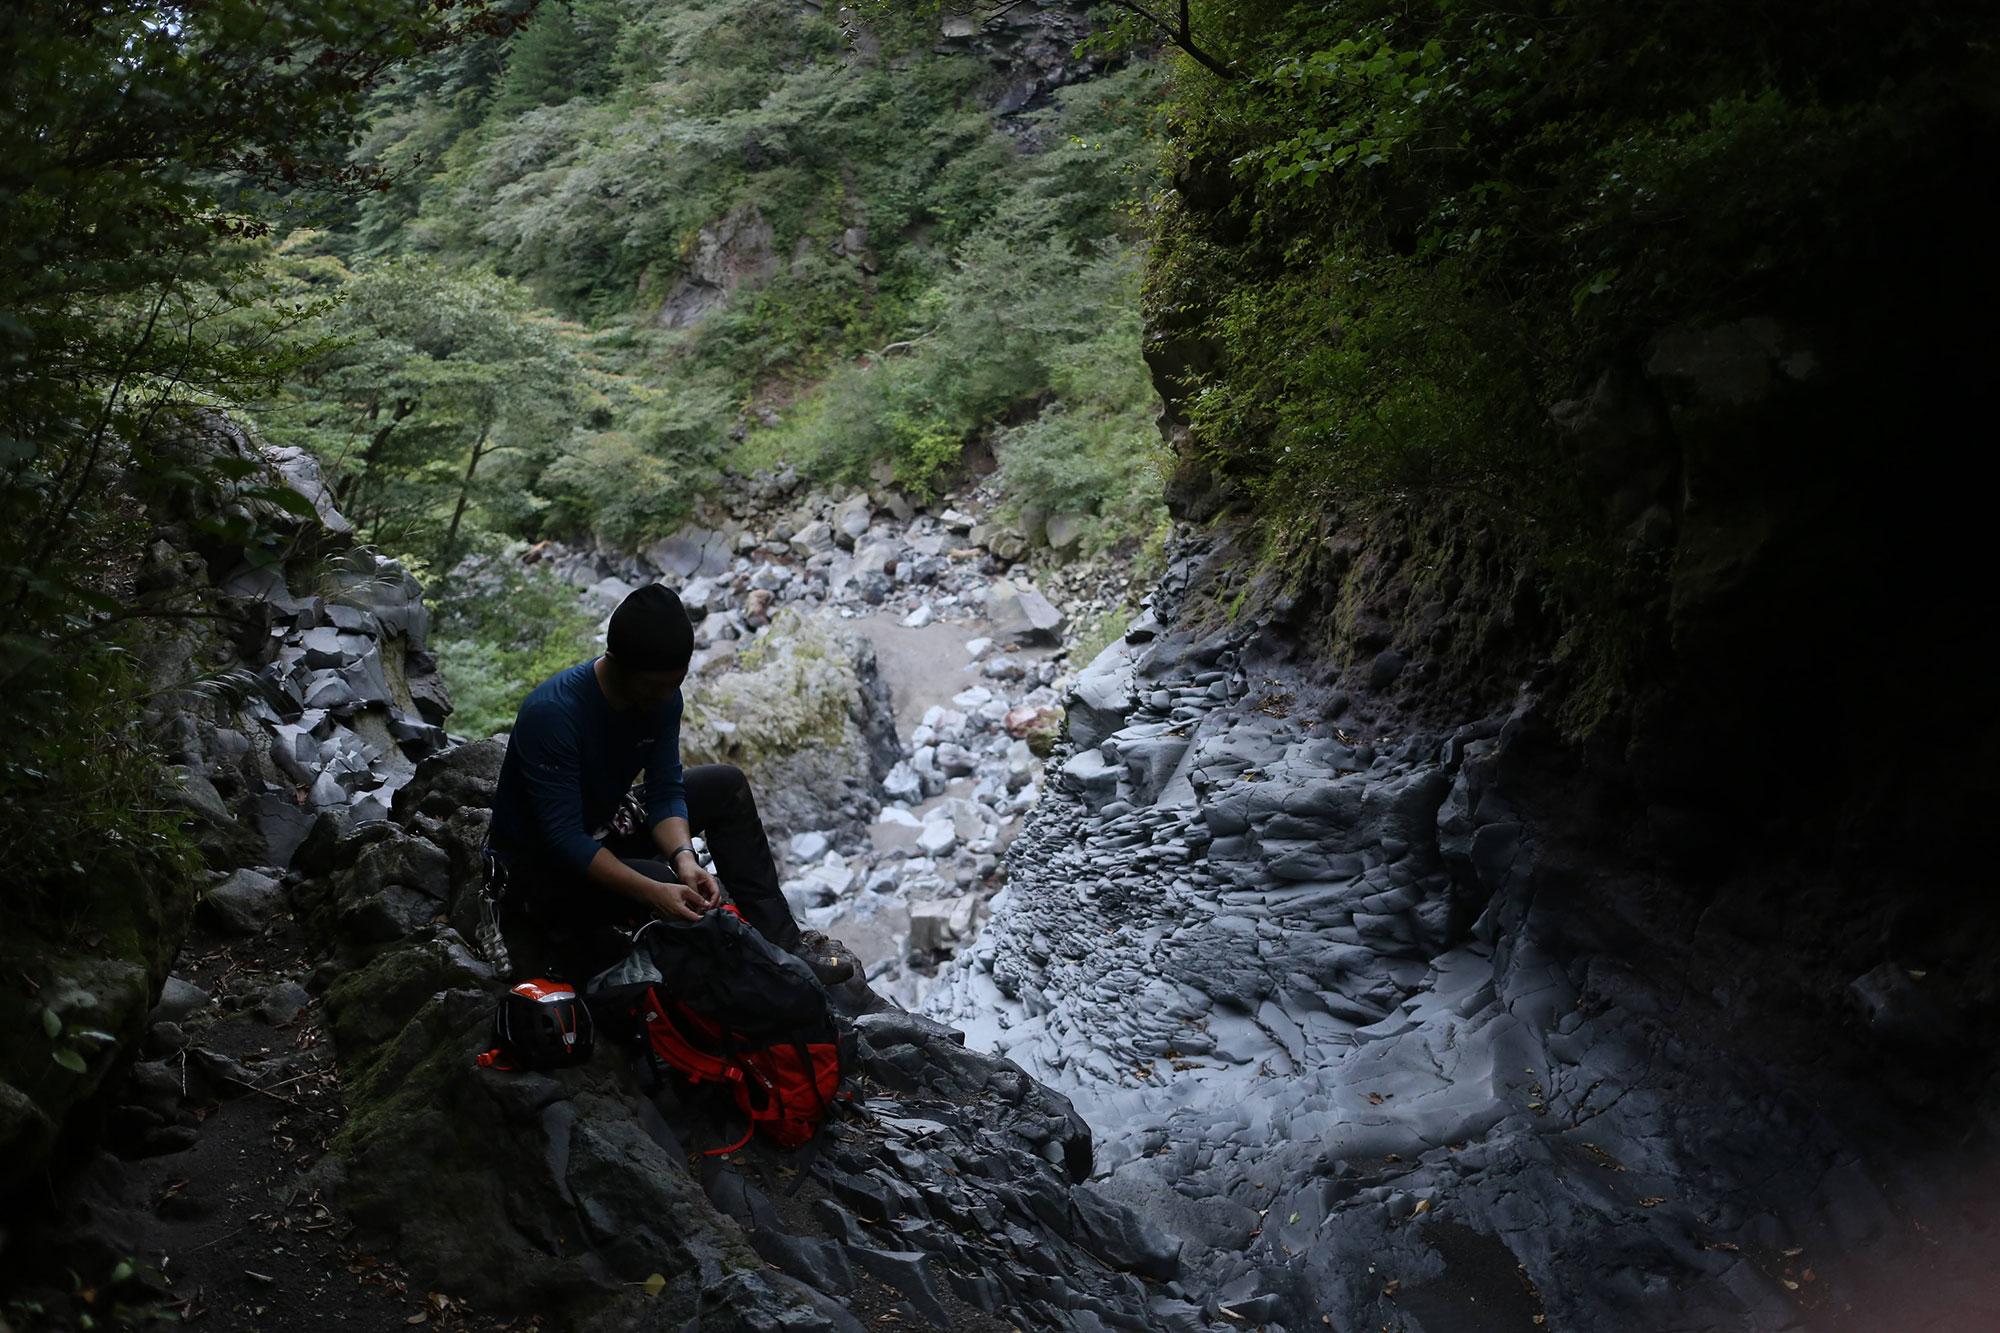 滝を越えて上部で休憩